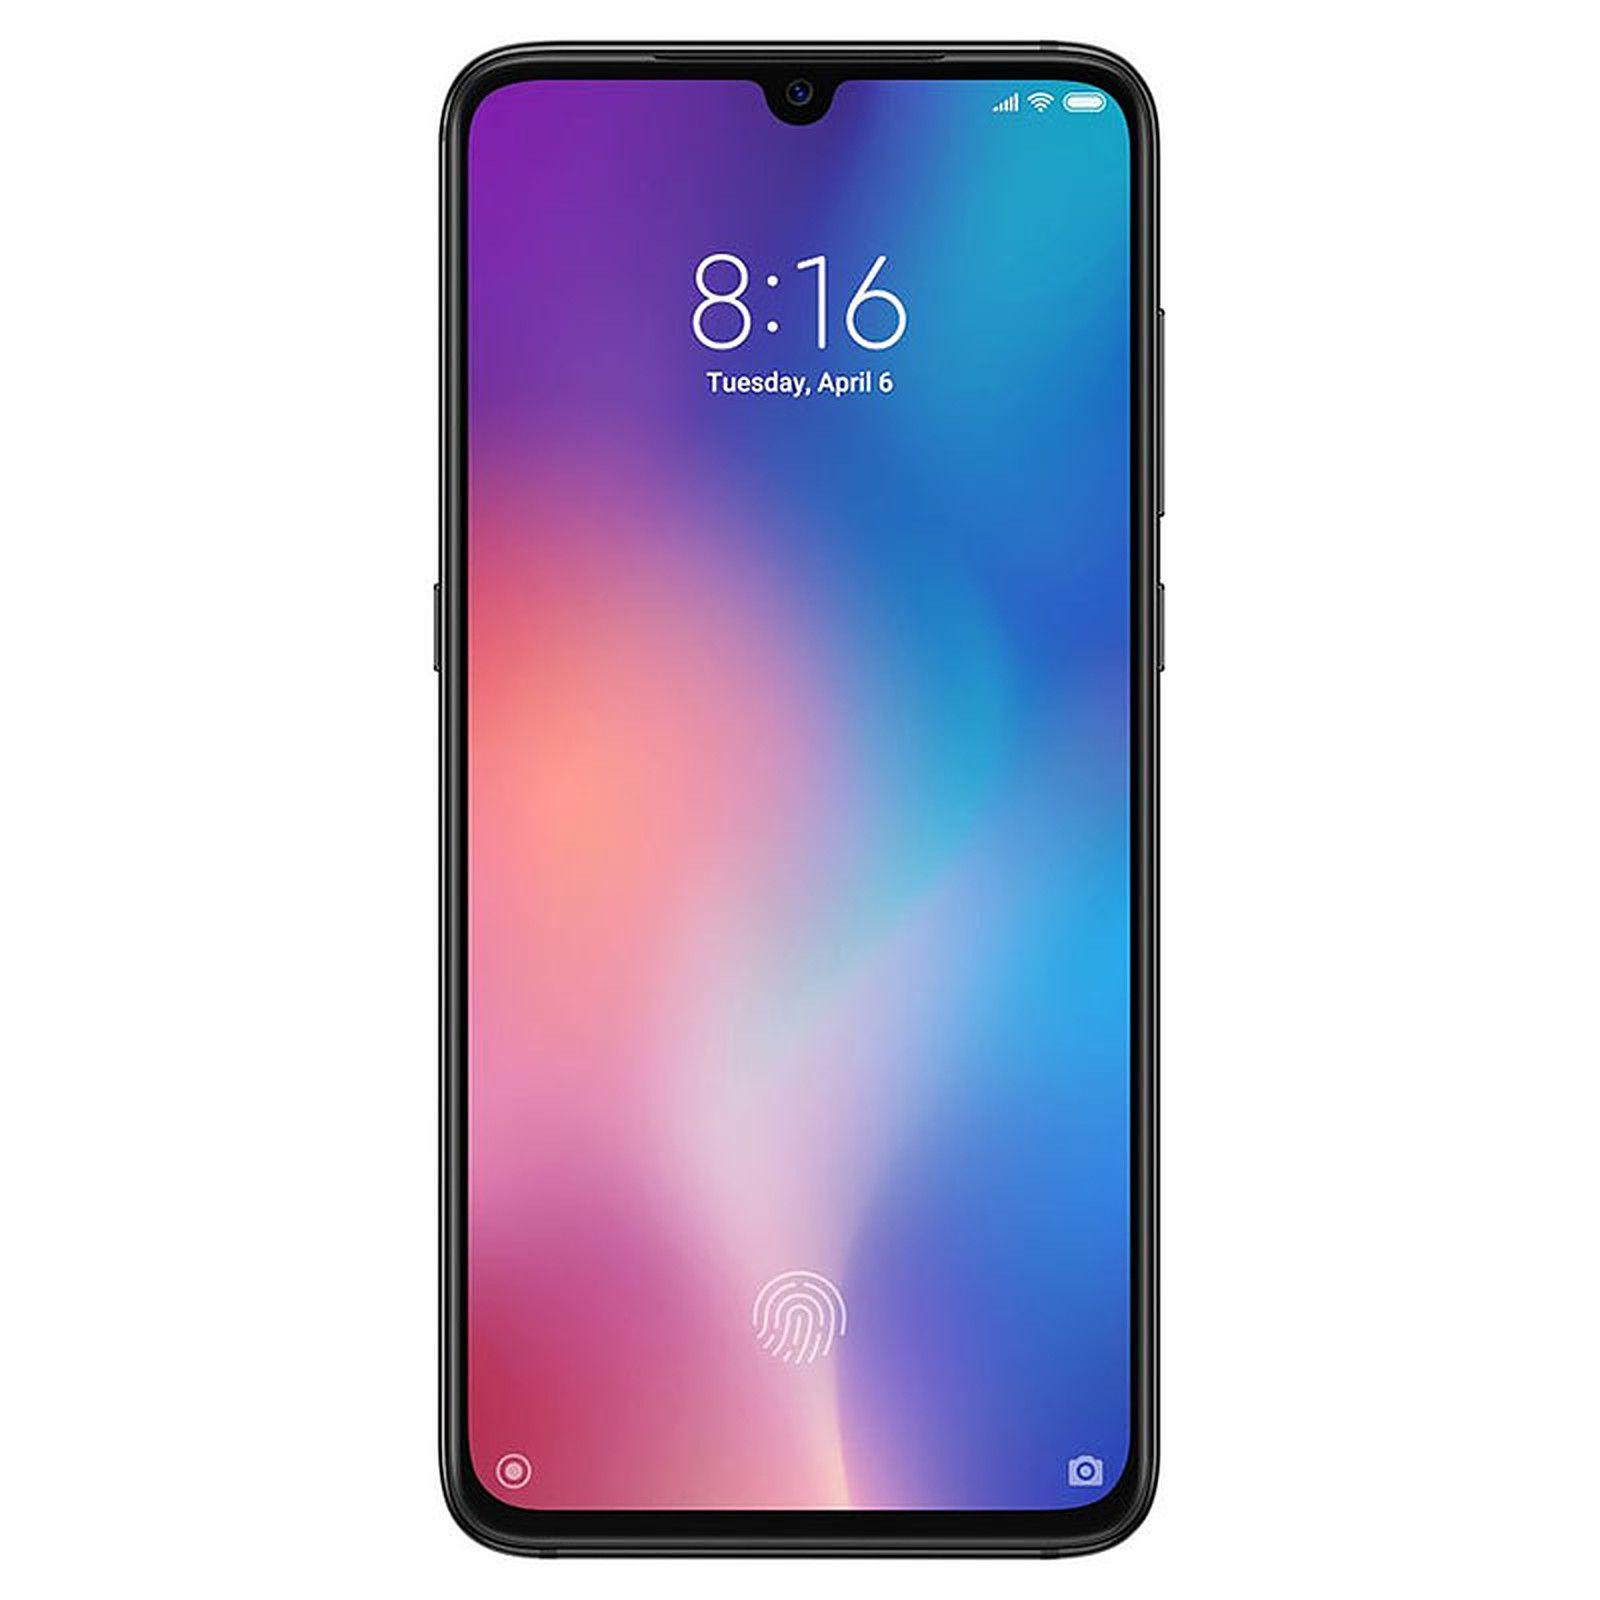 Smartphone Xiaomi MI 9